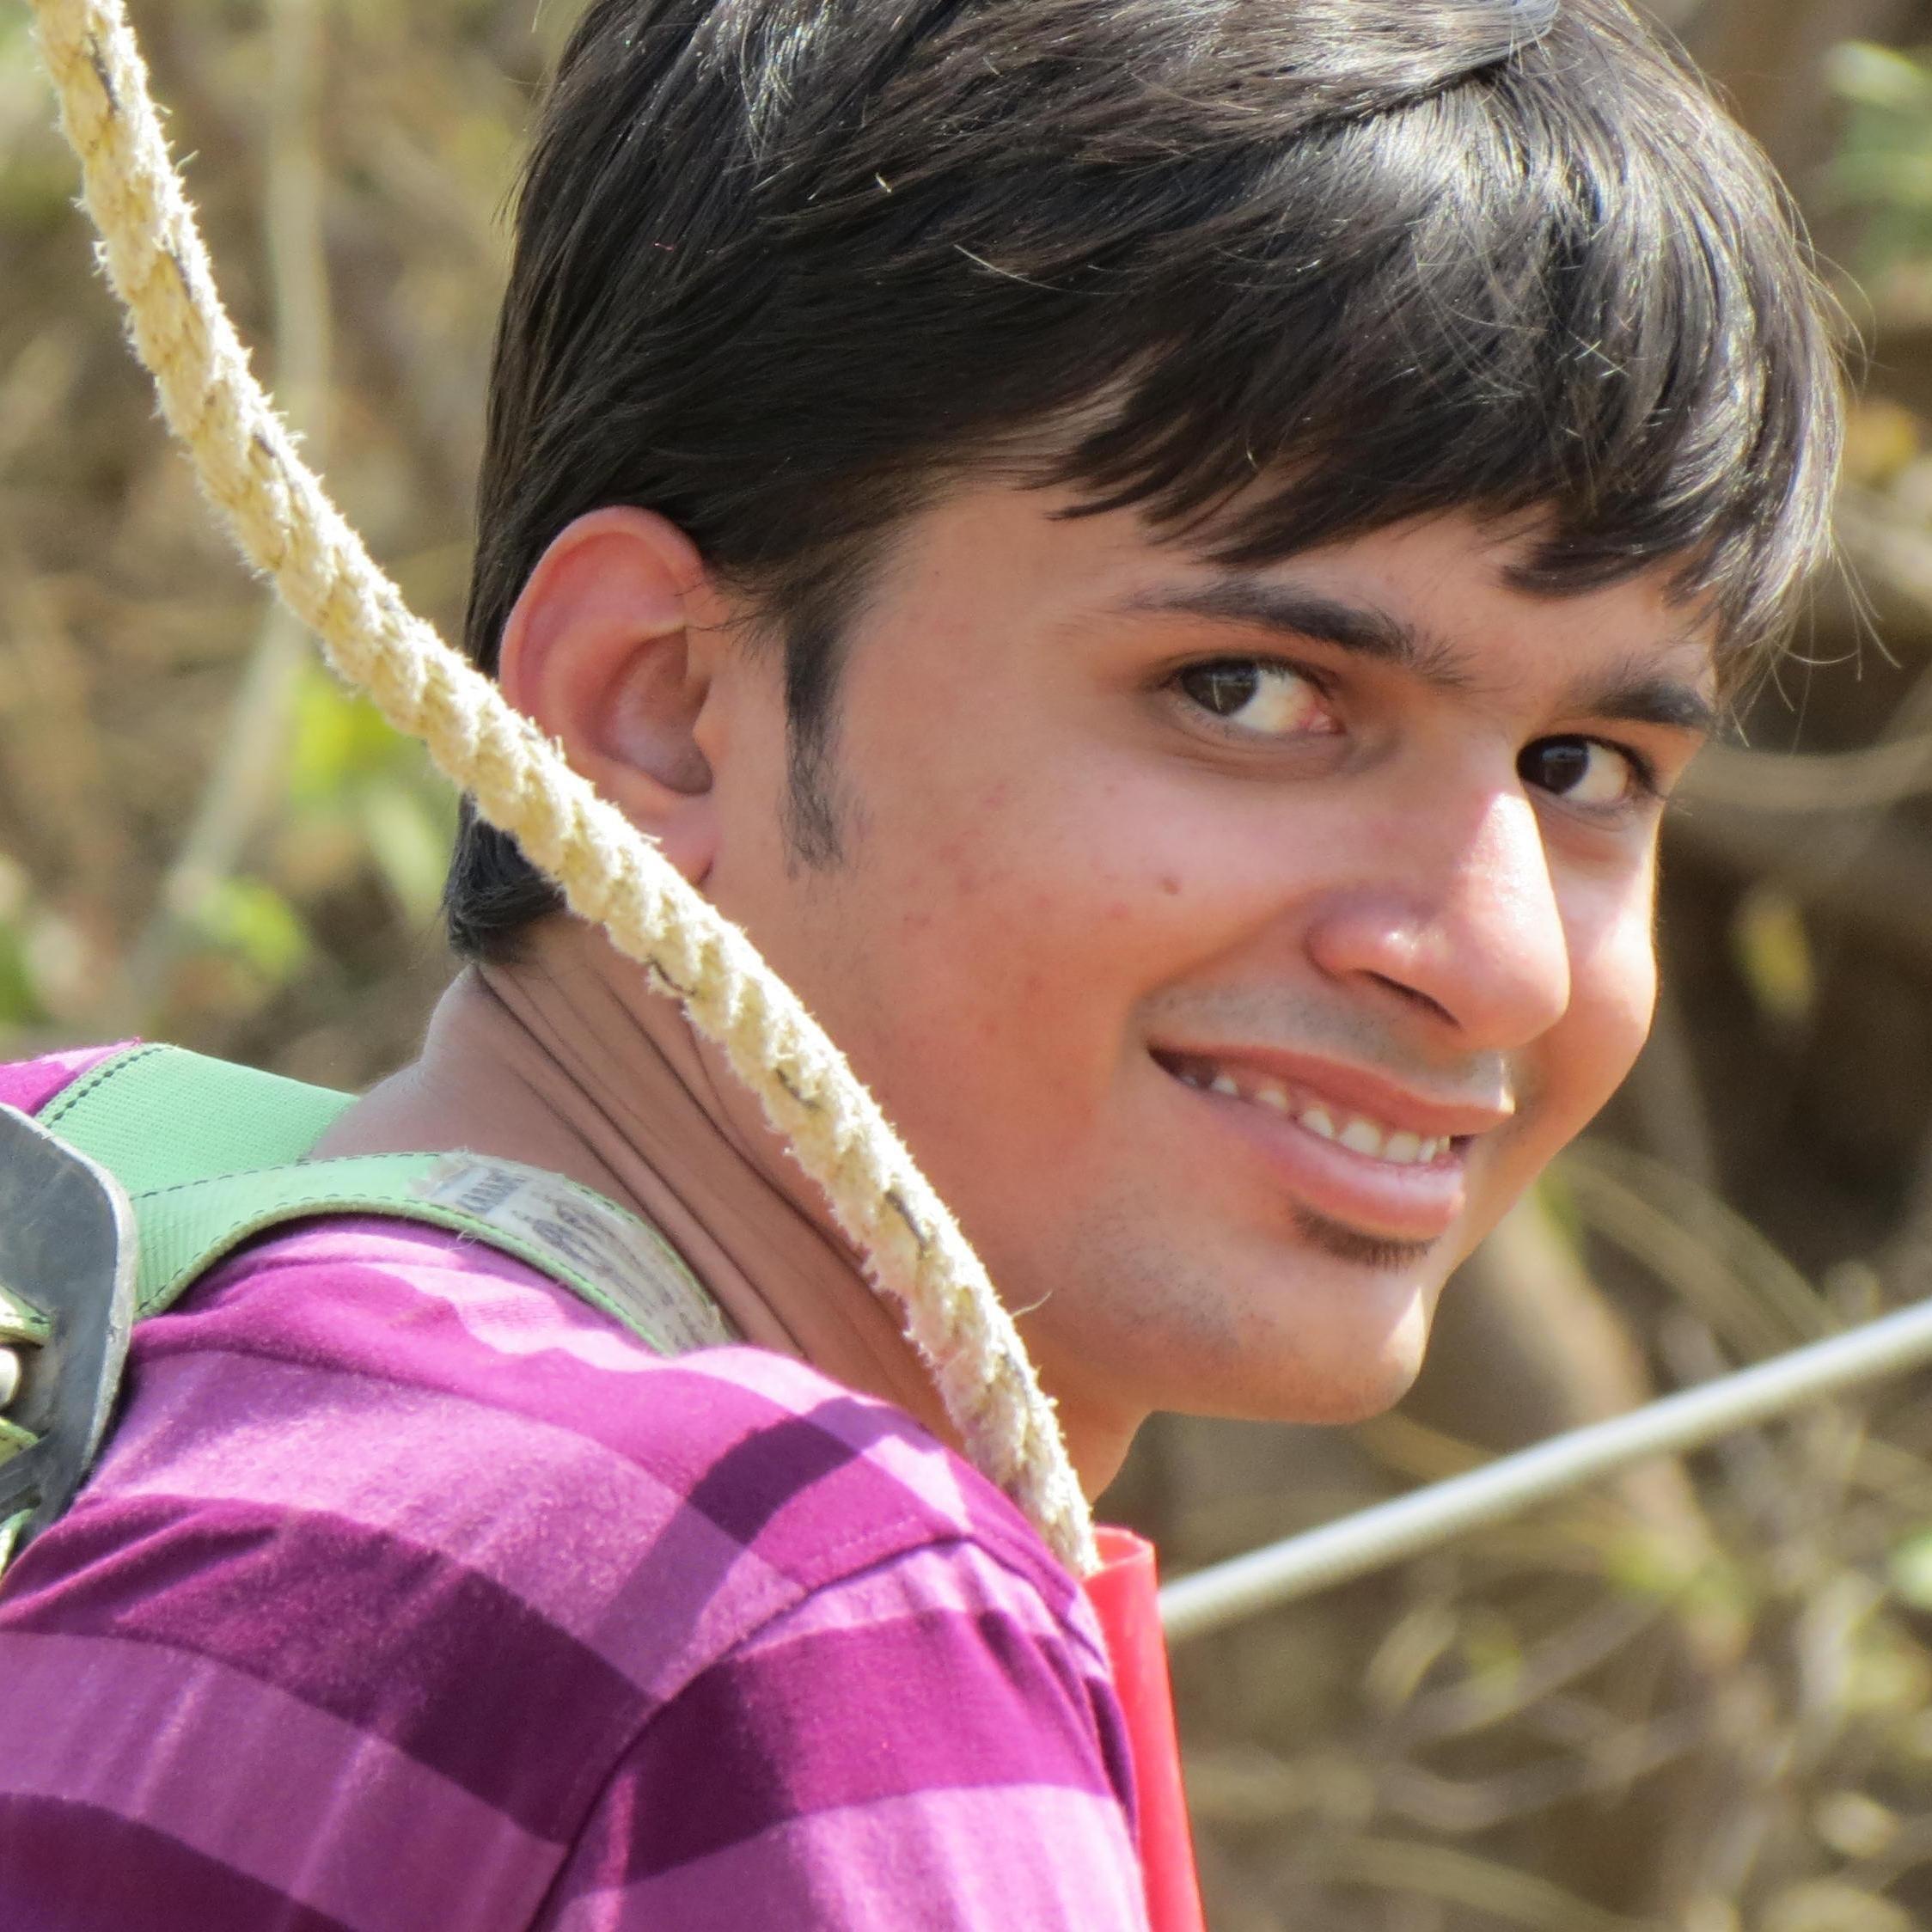 Nishant Upadhyay